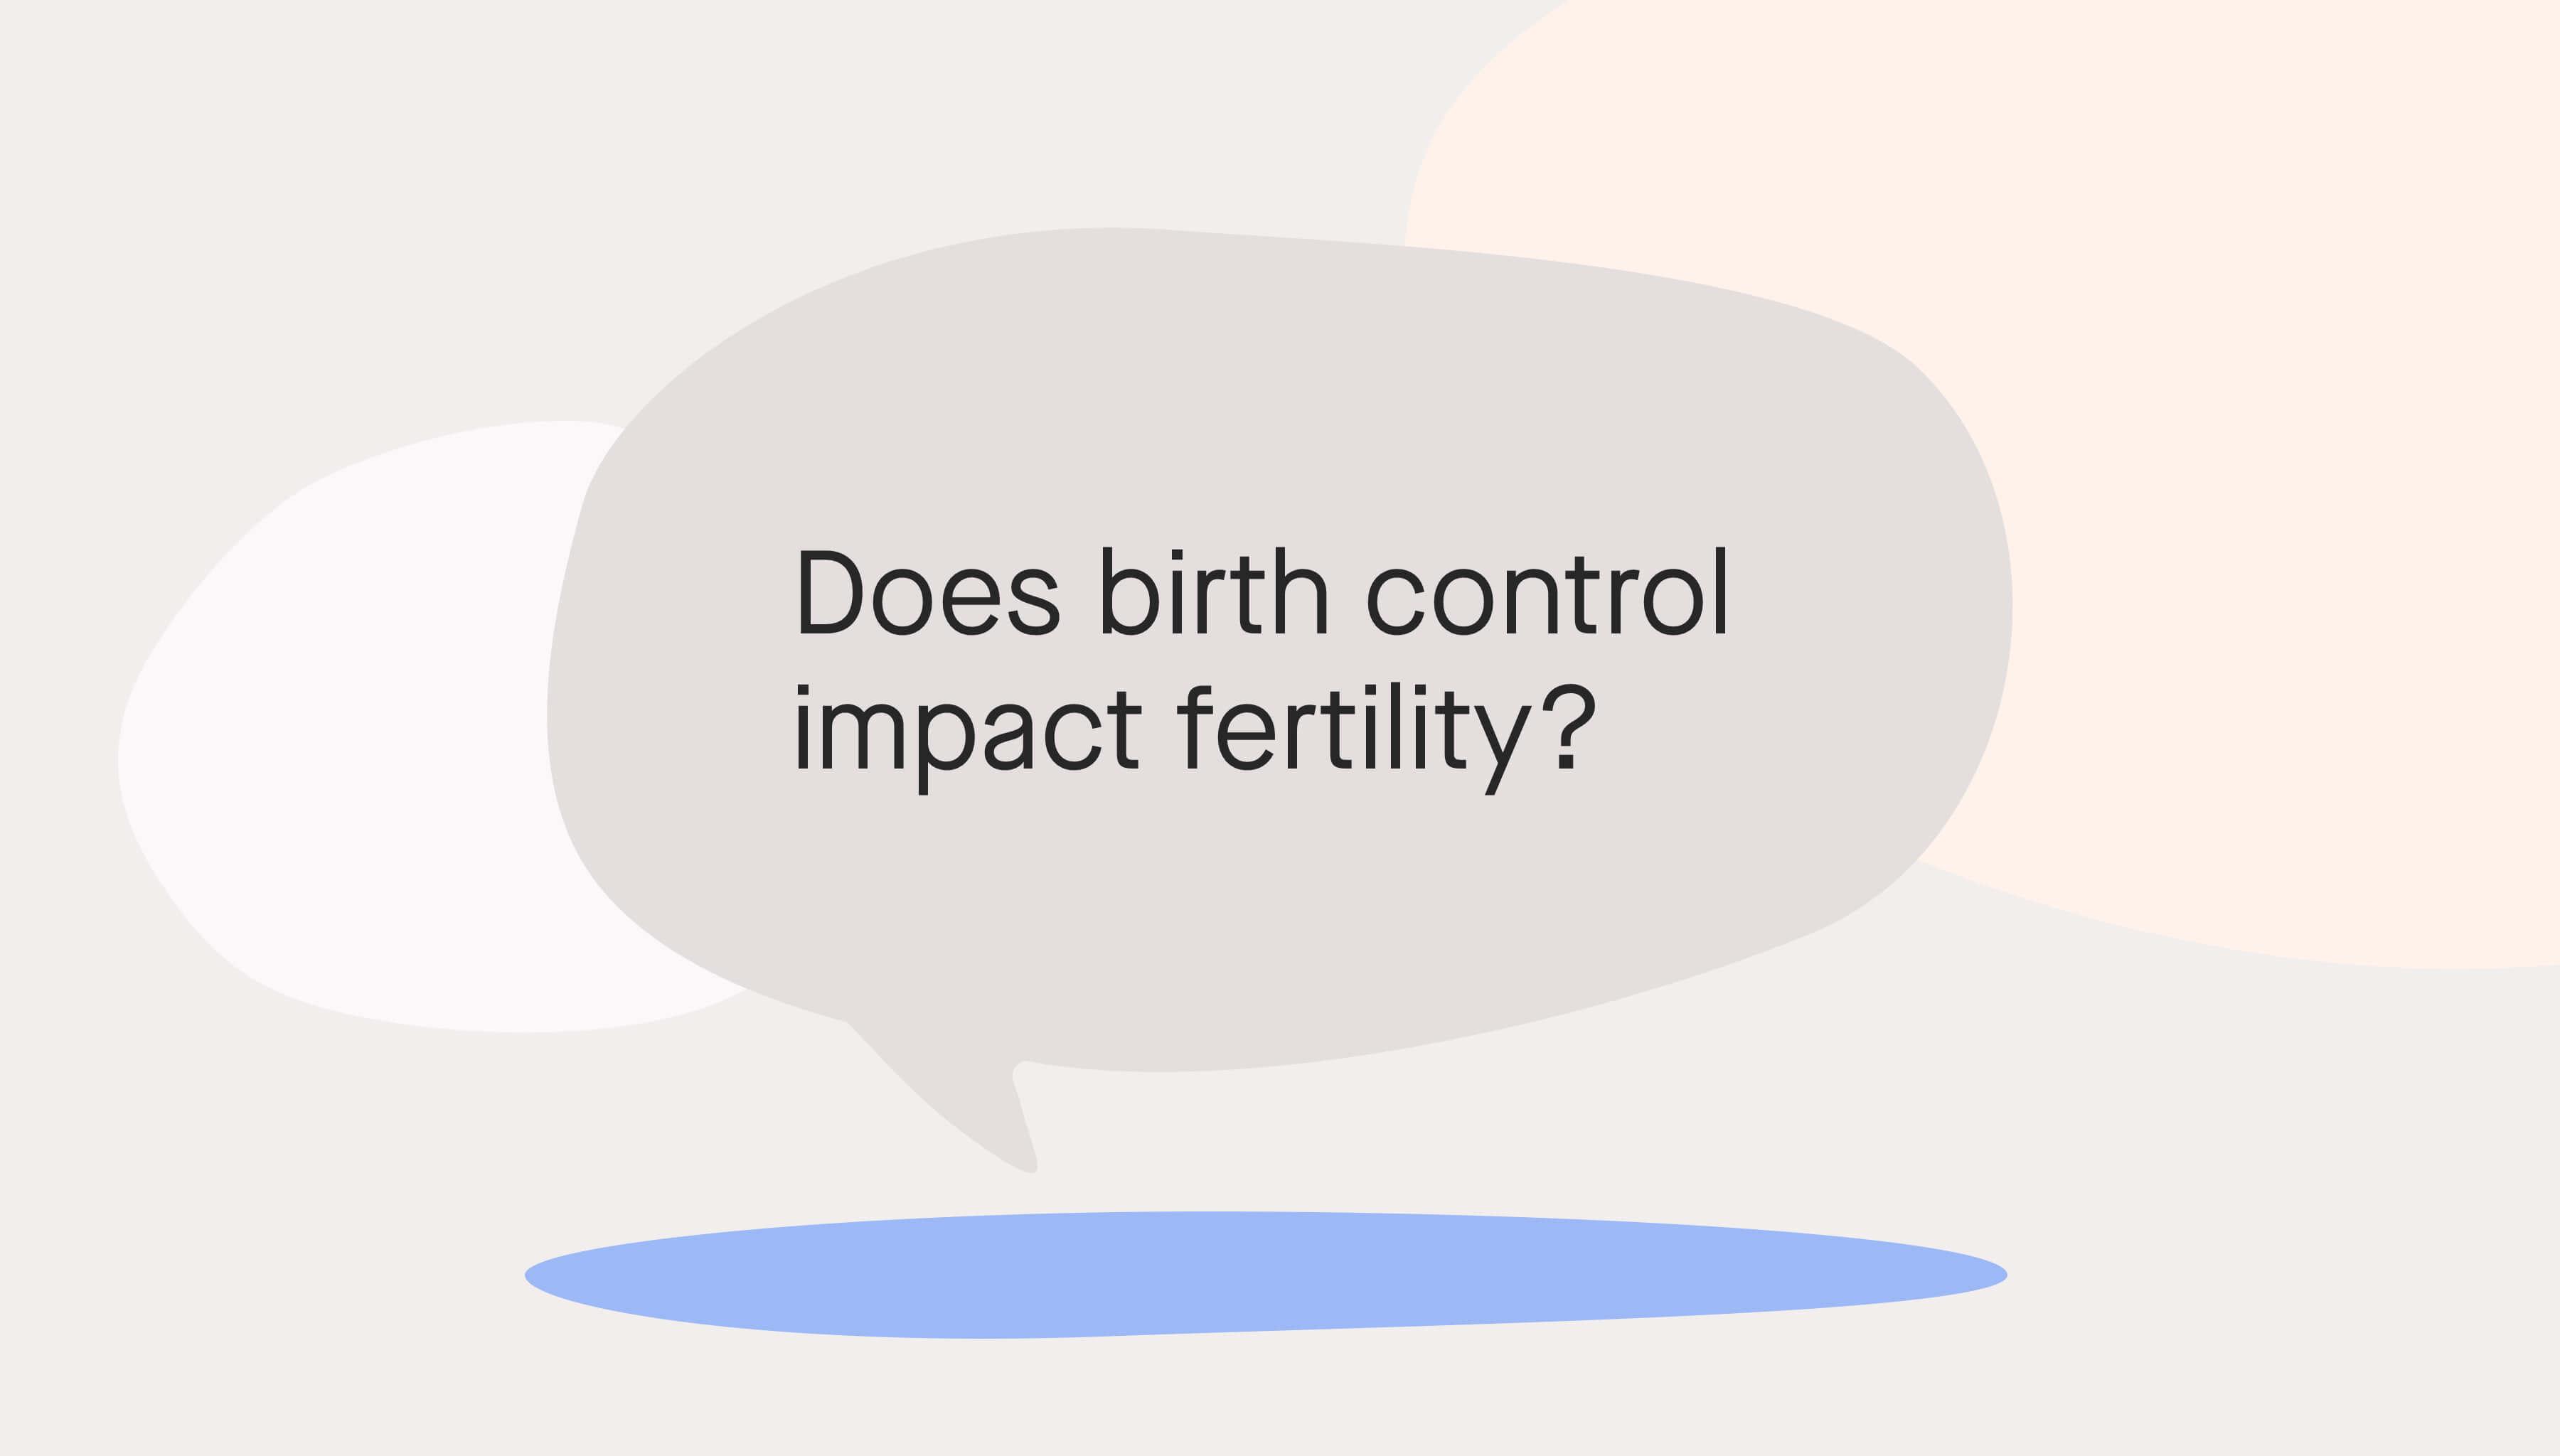 Does birth control affect fertility?